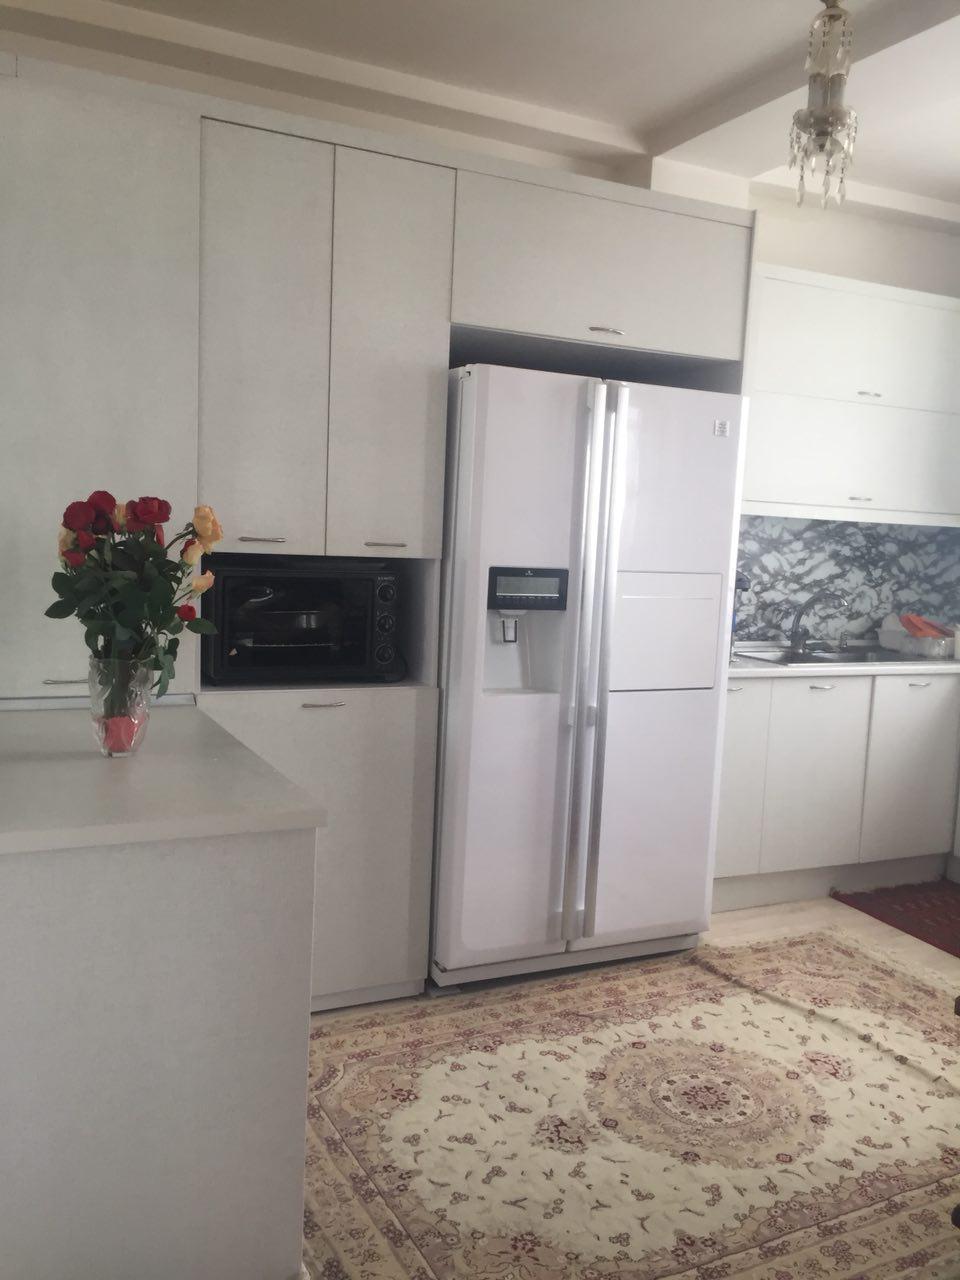 فروش یک باب خانه ویلایی 3طبقه در شهرک مخابرات